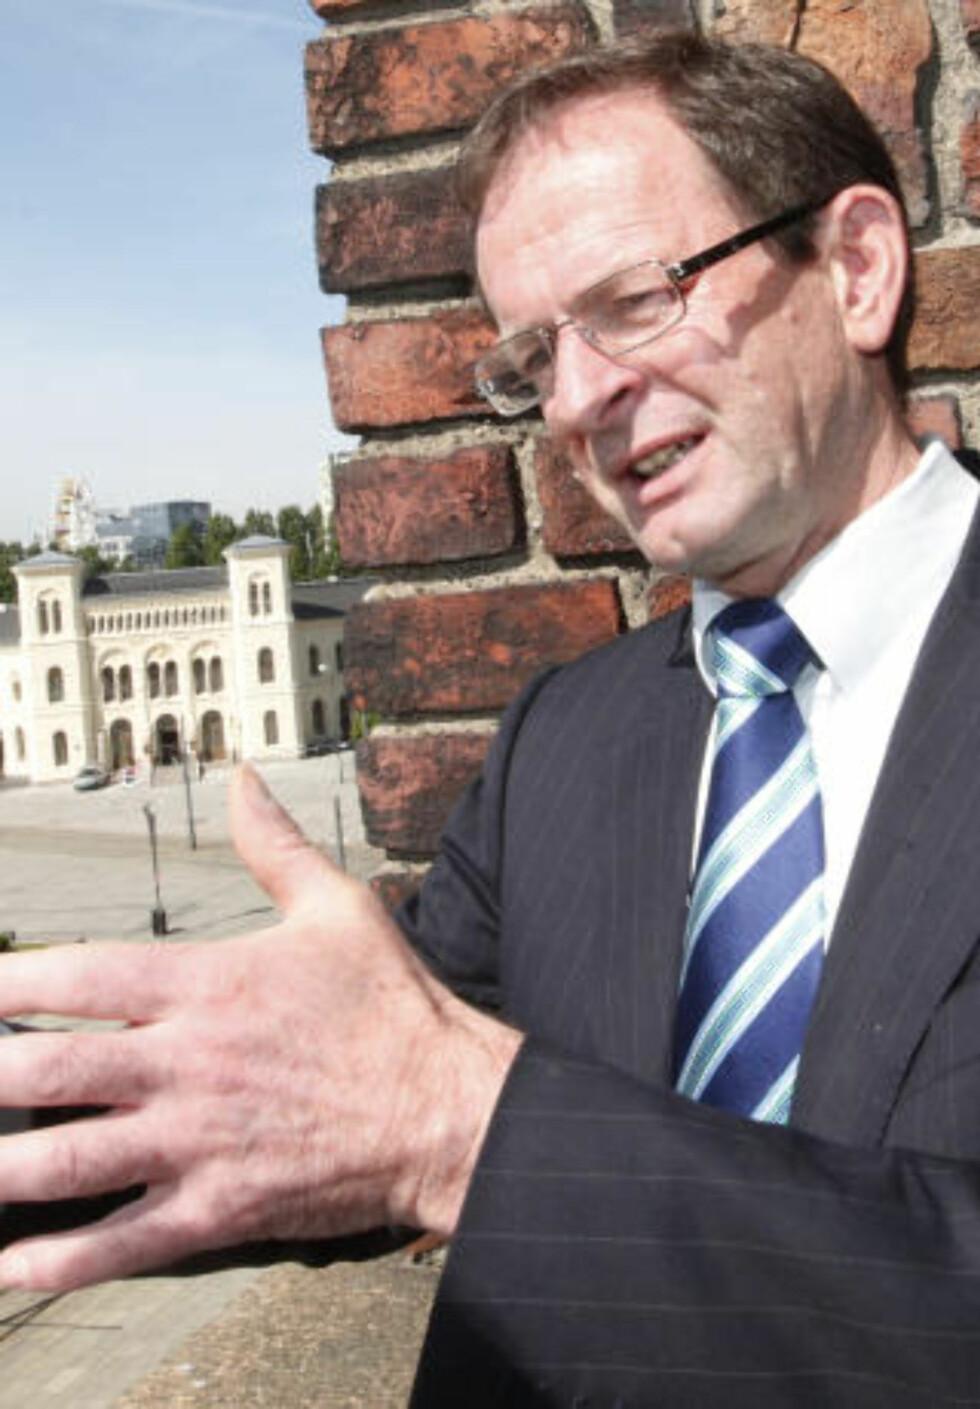 GA LØFTE: Tidligere byrådsleder Erling Lae lovte ham en ny sjefsstilling, men mener Johannessen ikke fikk sparken etter Holmenkollskandalen. Foto Morten Holm / SCANPIX .